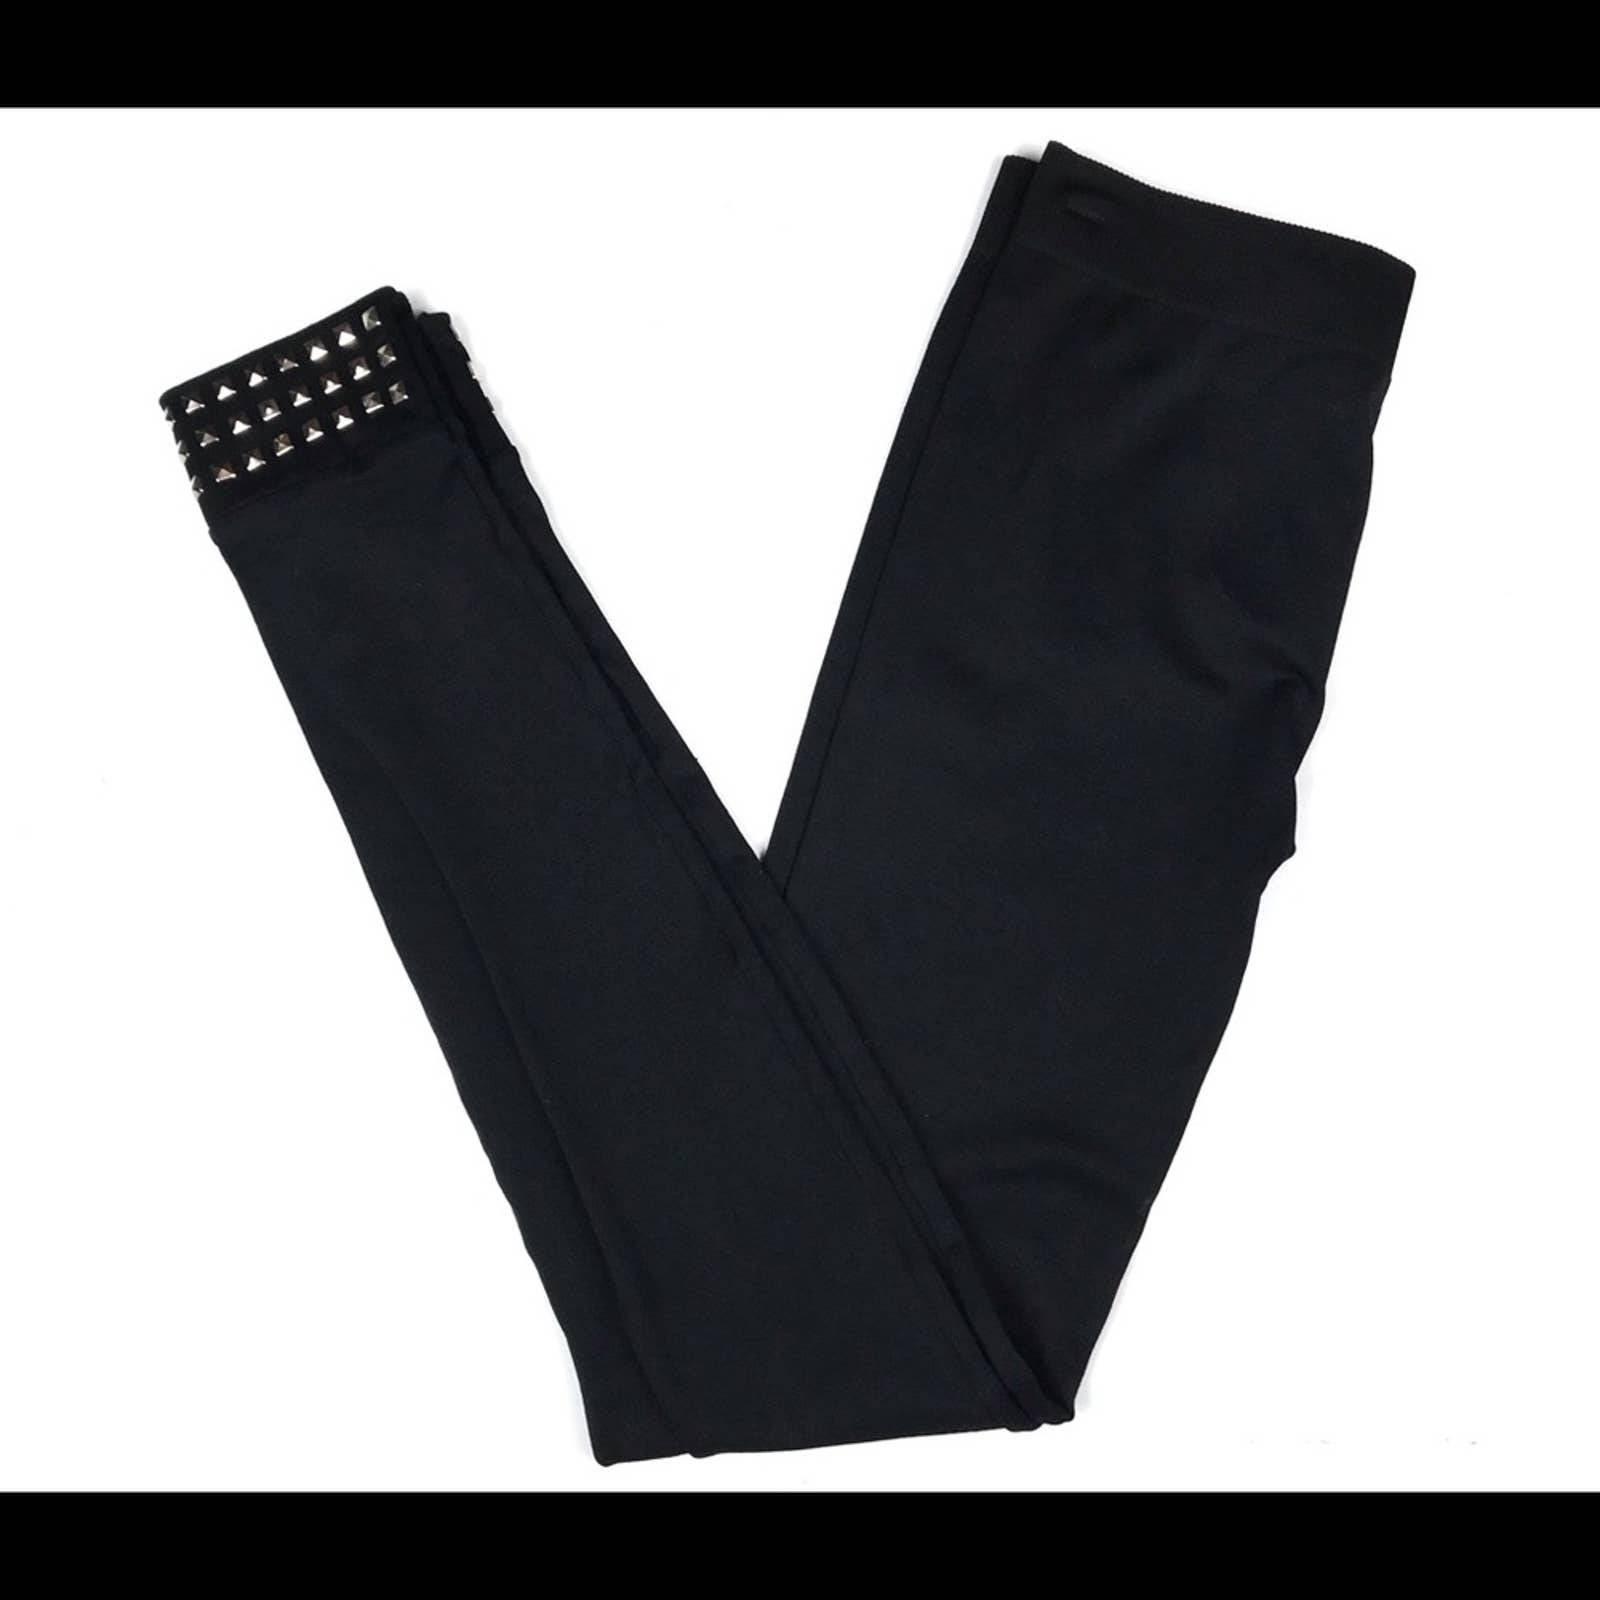 PINK ROSE Black Leggings Sz Small